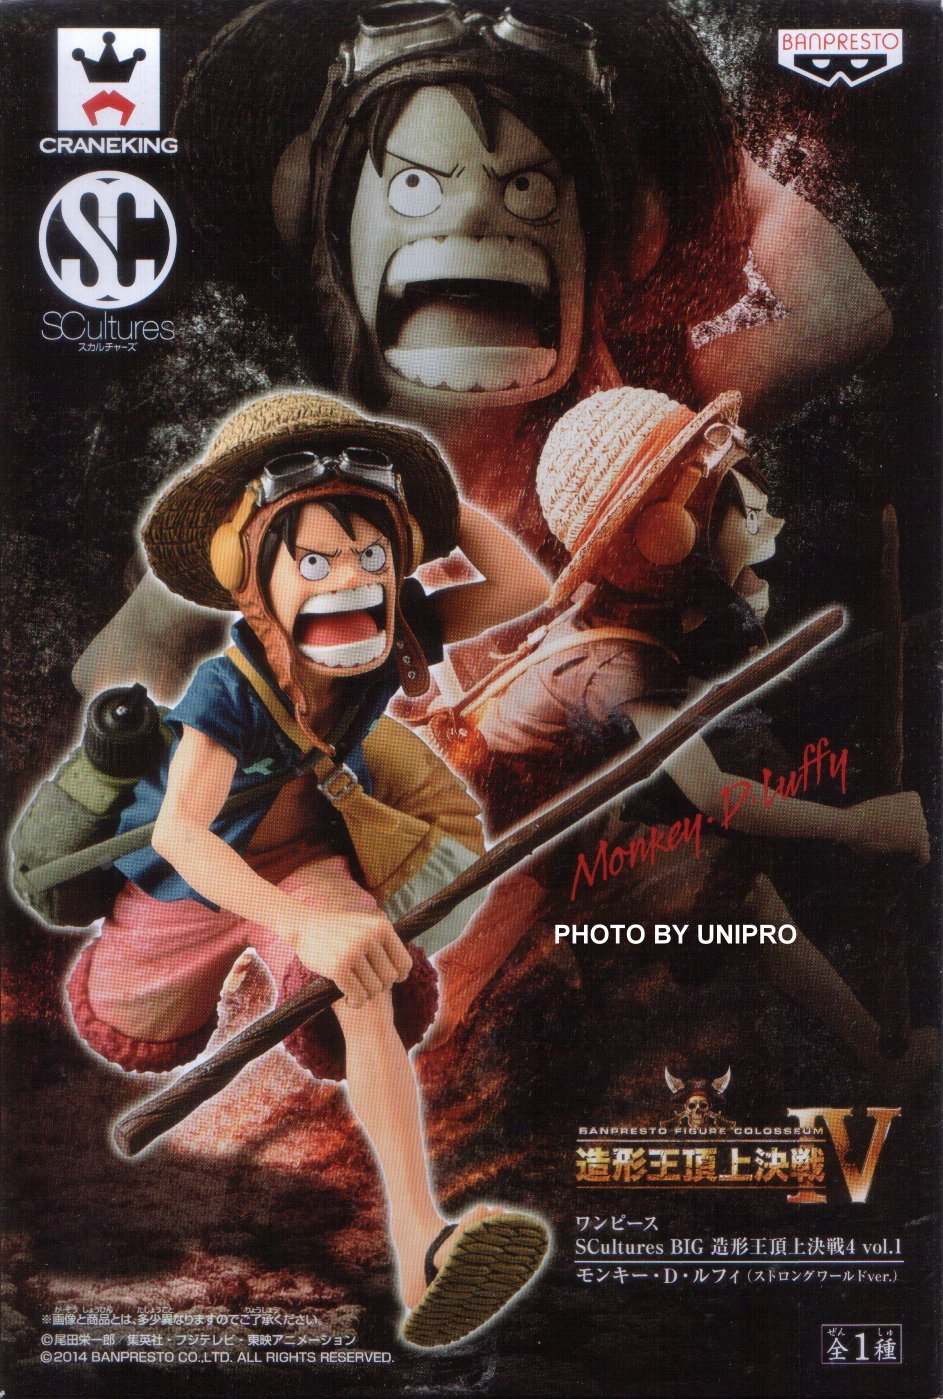 台灣代理版 頂上決戰4 魯夫 草帽 背包 強者天下 海賊王 航海王 公仔 One Piece